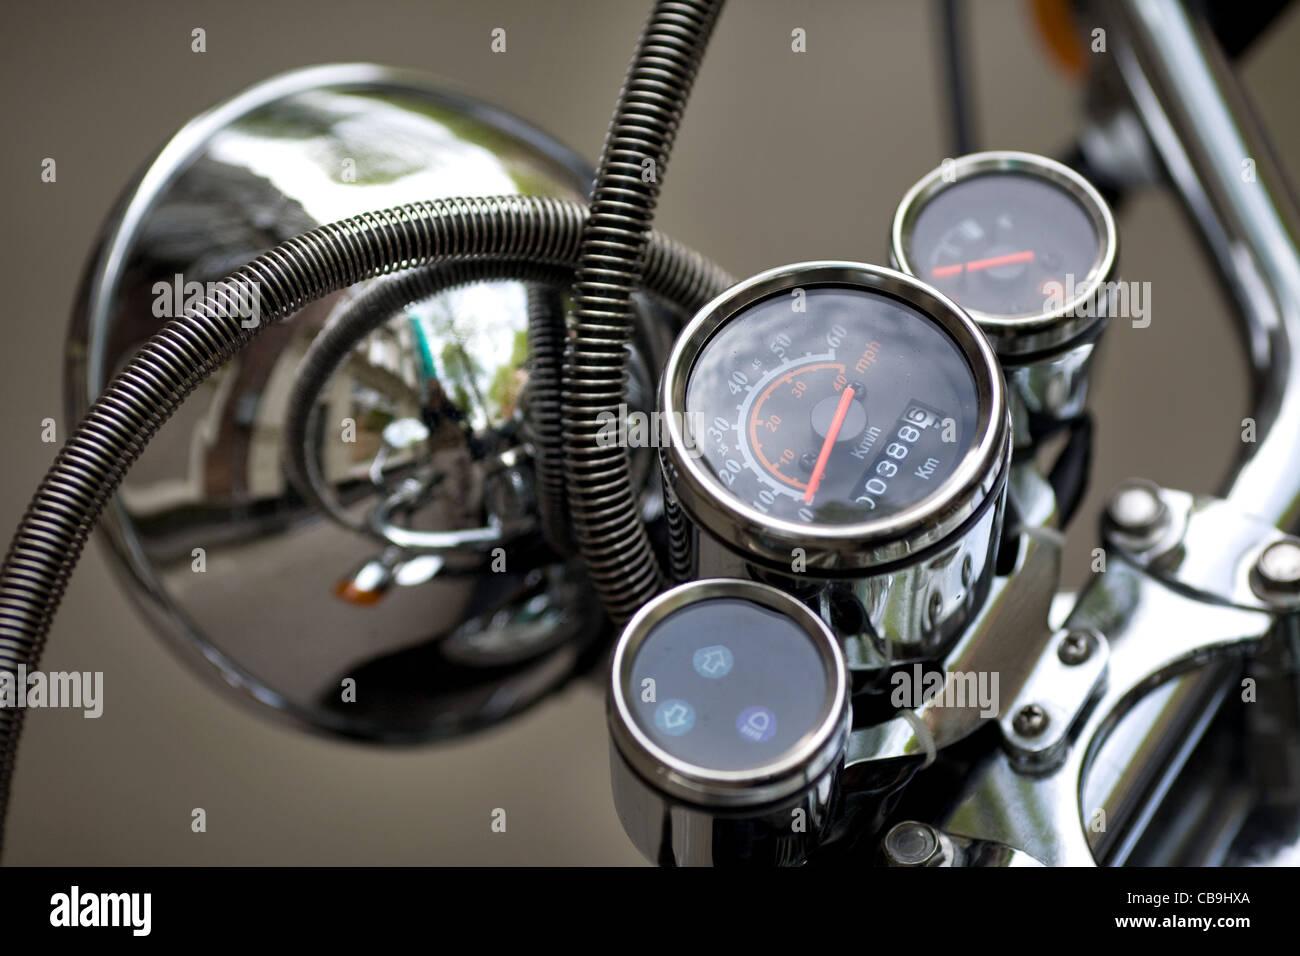 Motorcycle headlamp detail - Stock Image